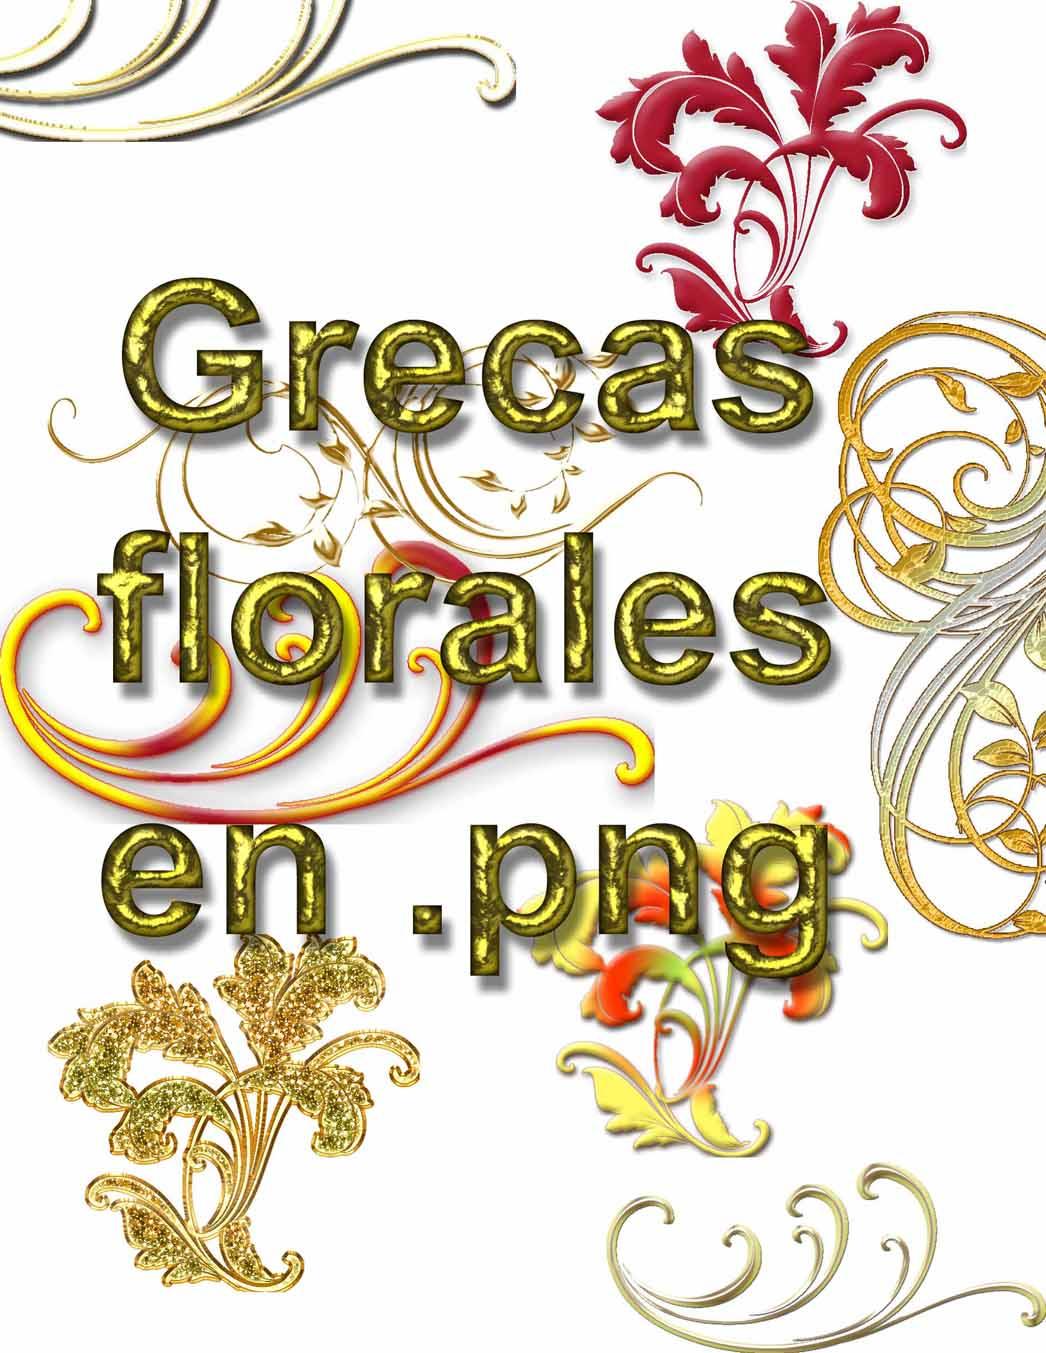 Pin Recursos Graficos Para Diseño Grecas Florales En Png On Pinterest